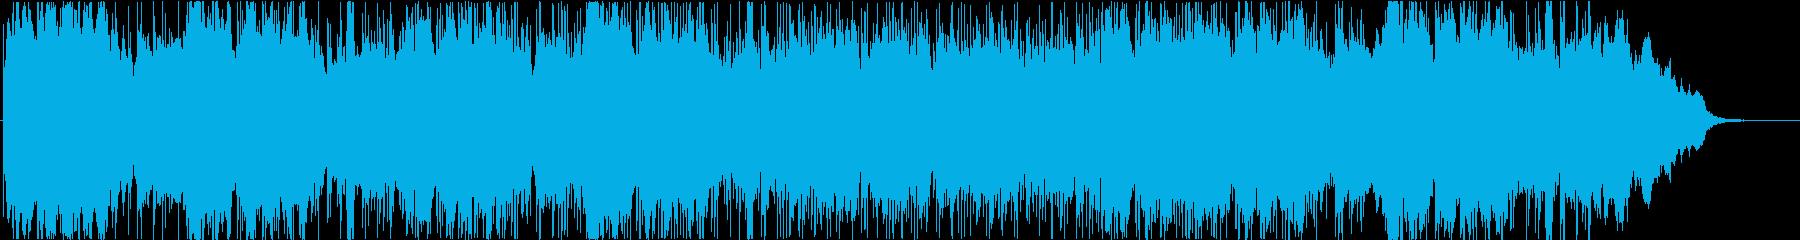 テクノロジー、アンビエントの再生済みの波形